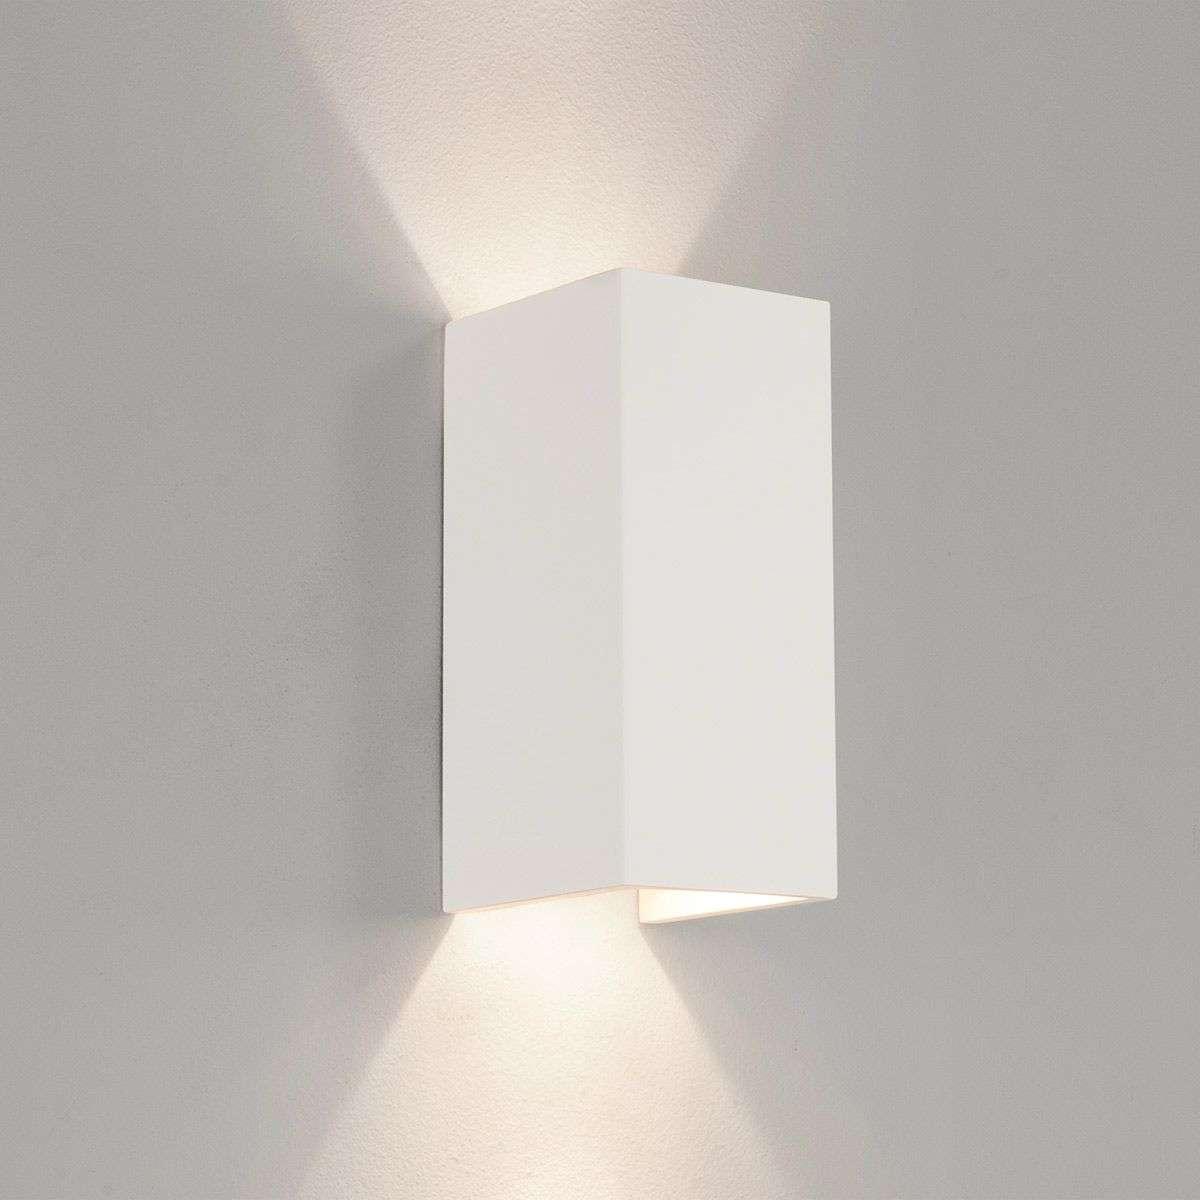 Parma 210 Wall Light Cuboid-1020346-32